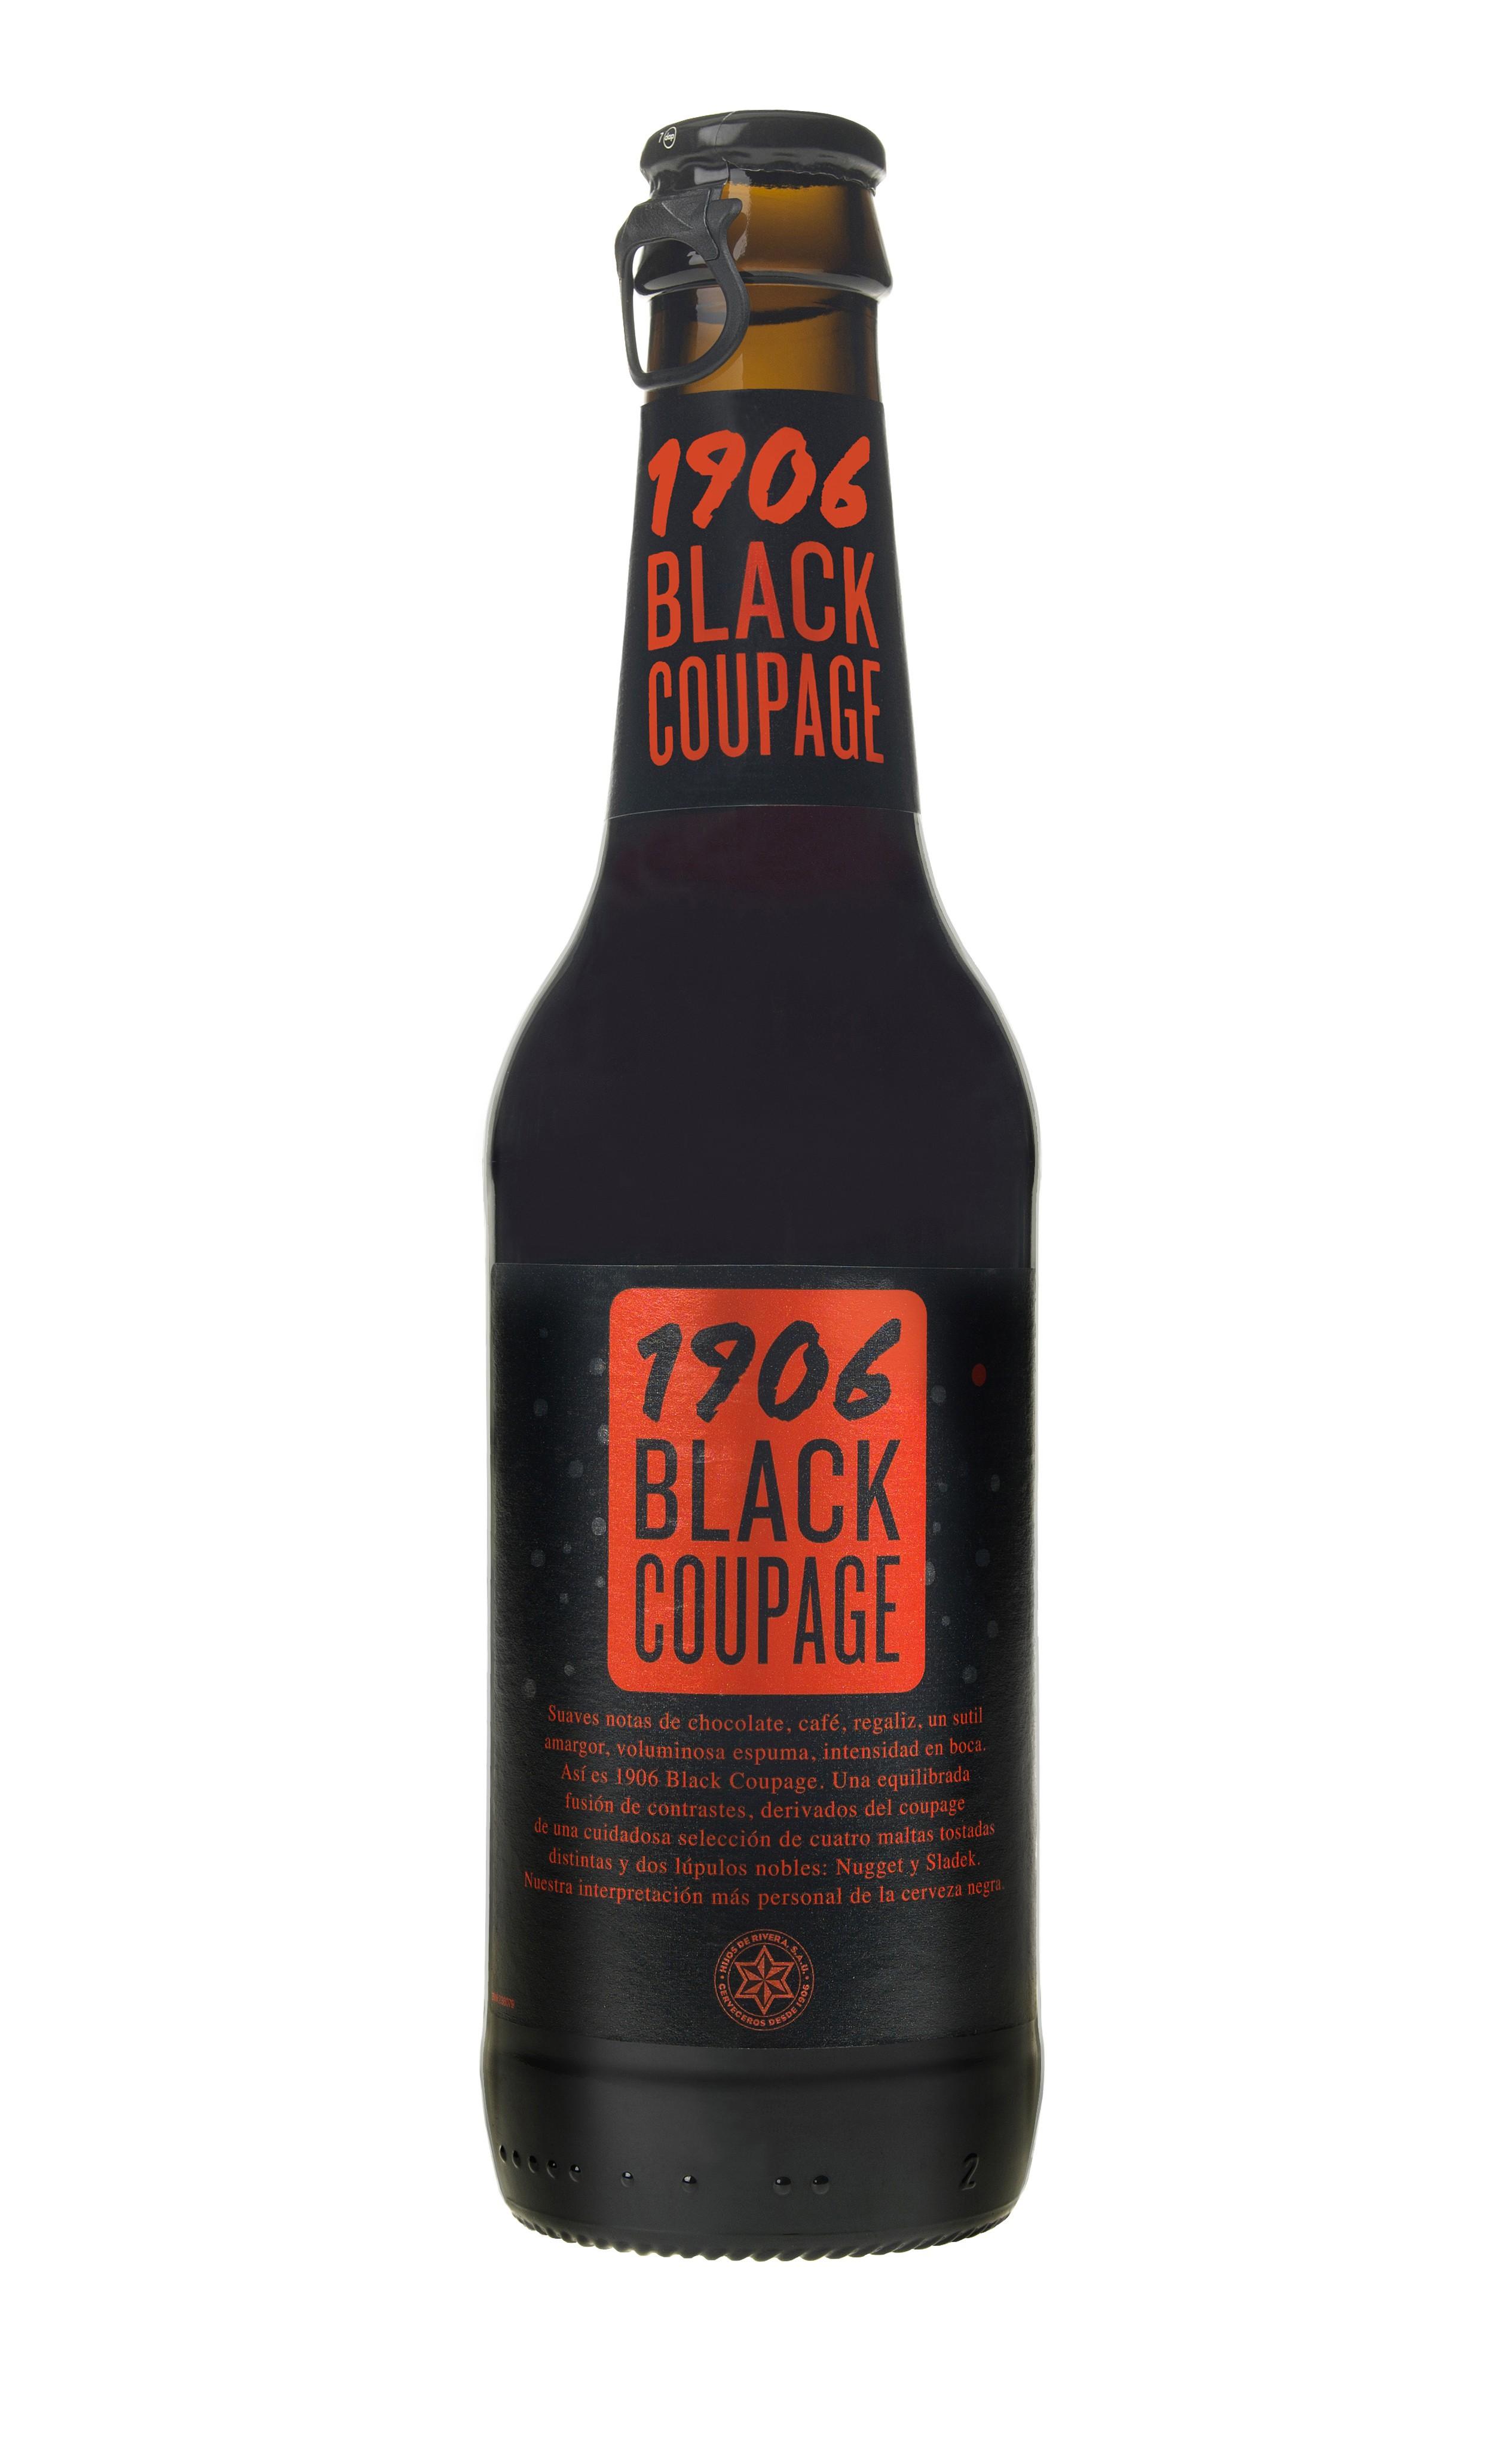 1906 Black Coupage (Foto: Divulgação)